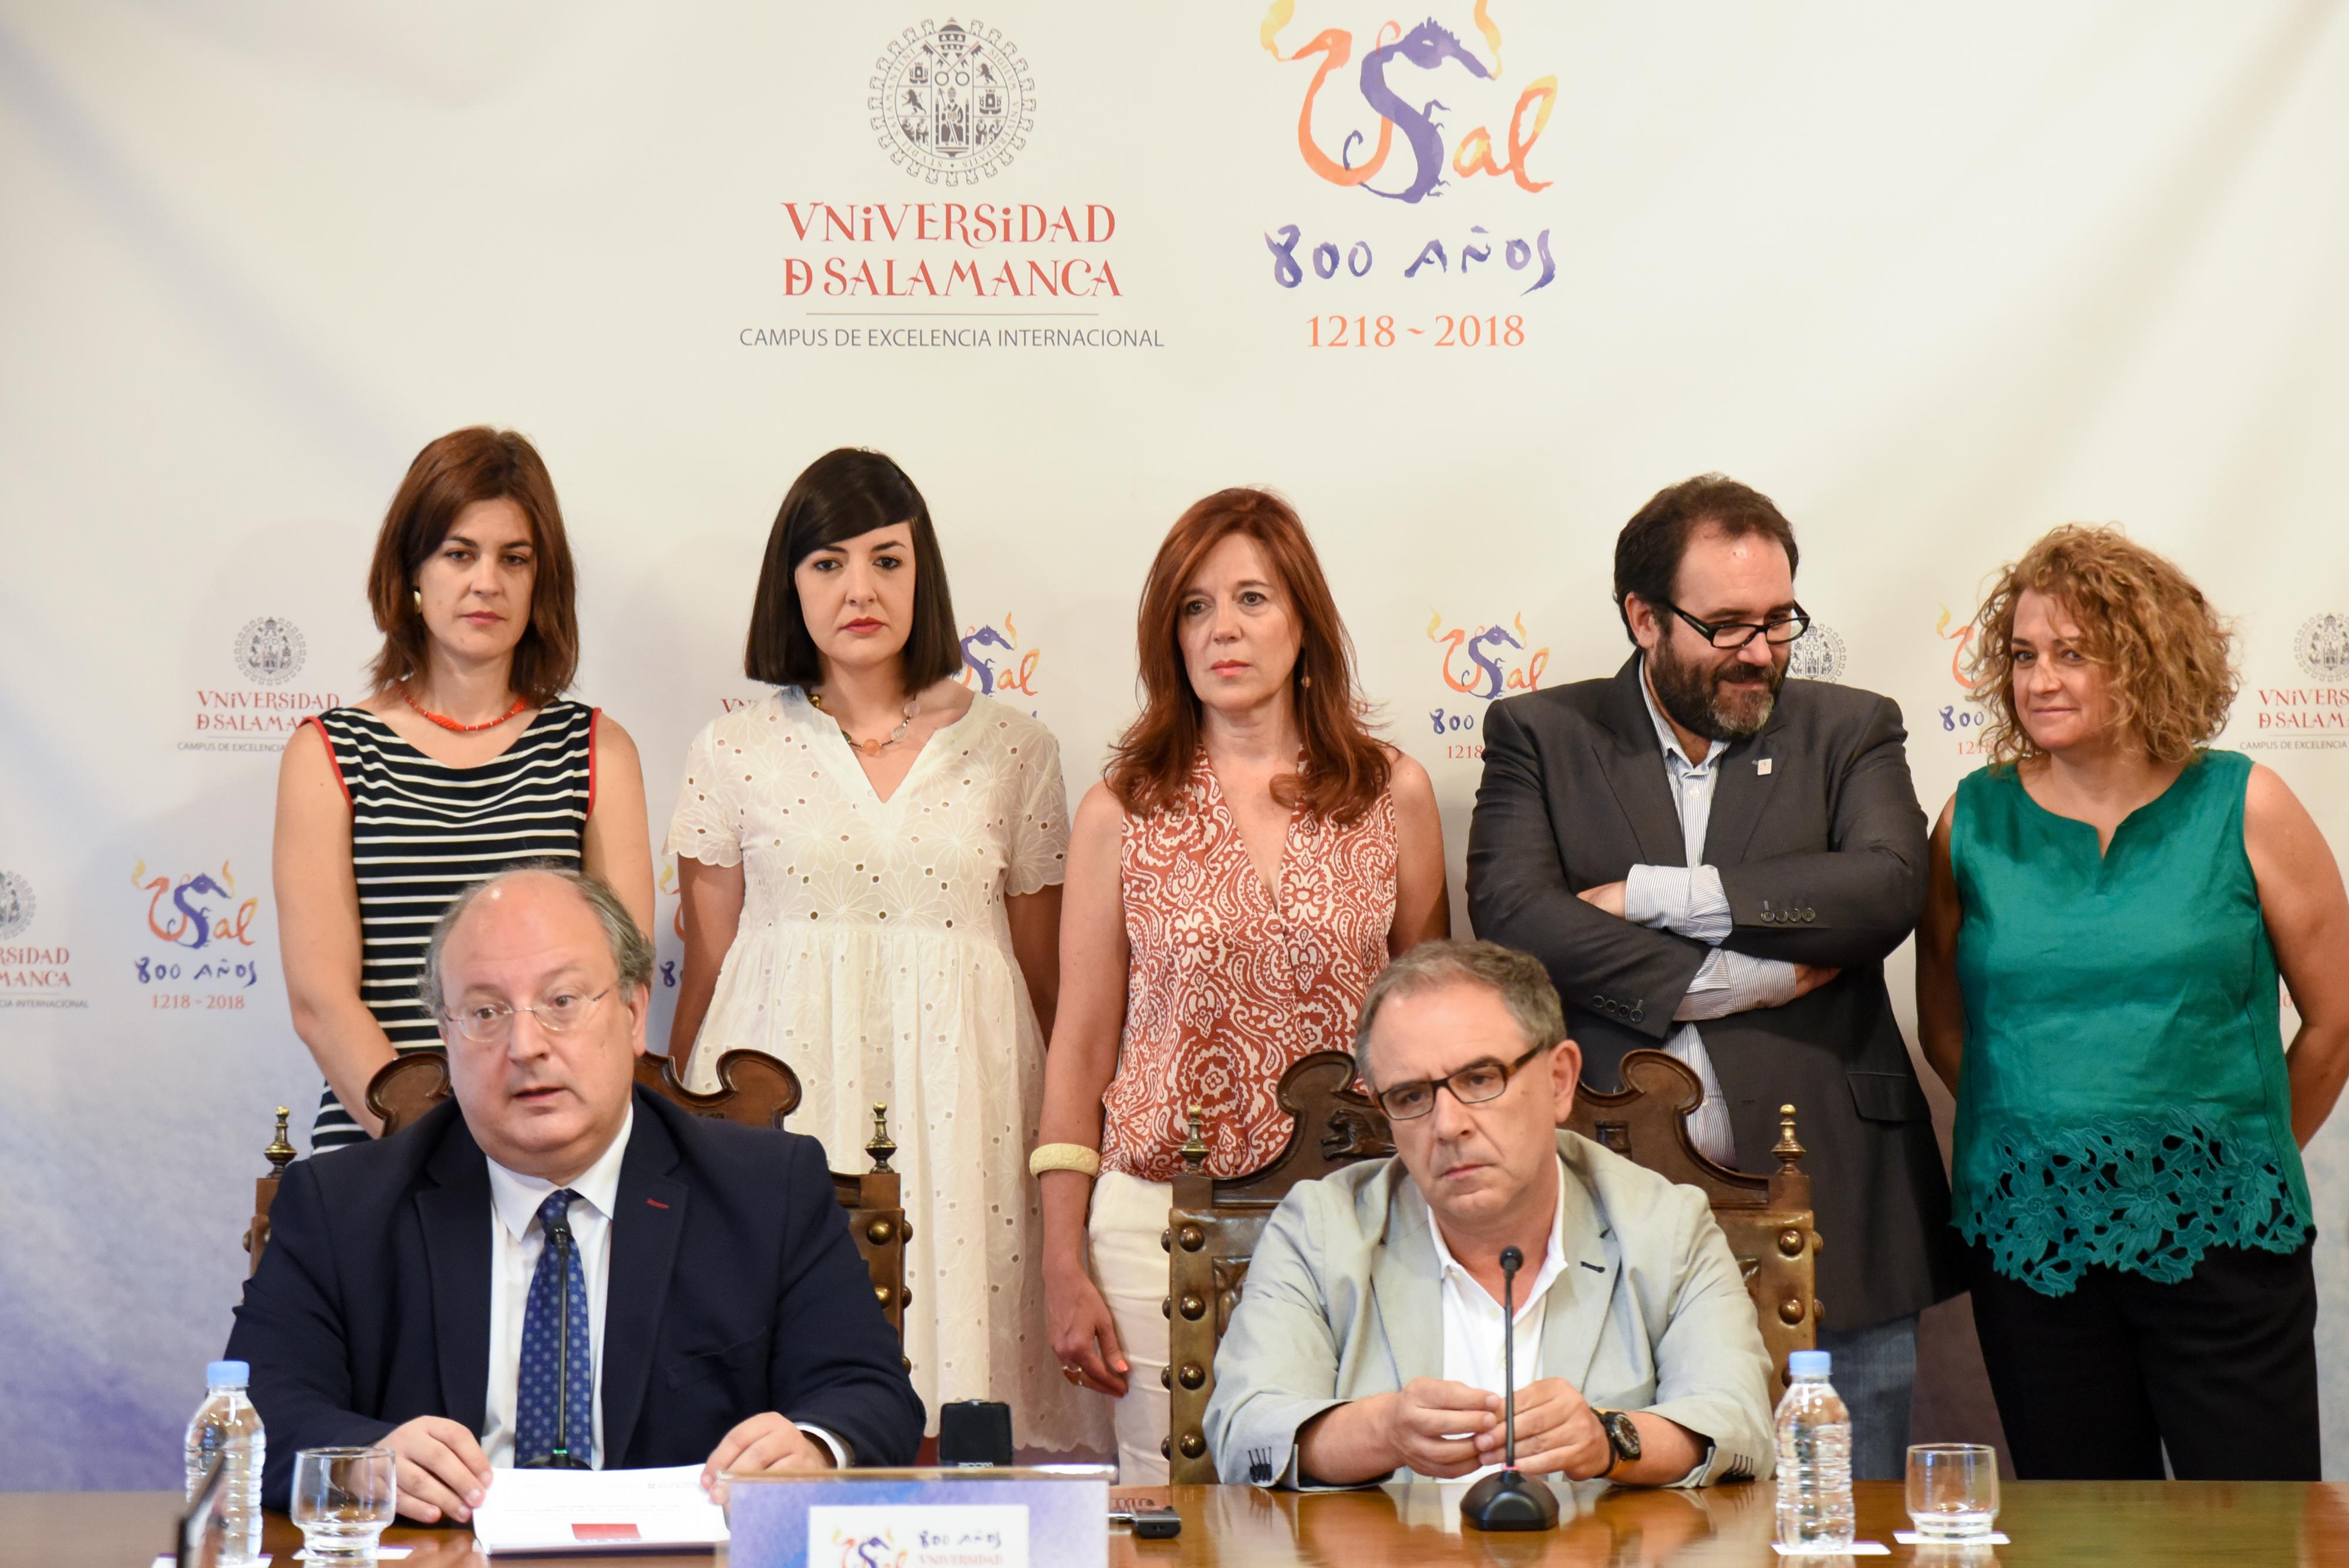 El premio Nobel Phillip Allen Sharp abrirá el Congreso IPAP18 que acogerá la Universidad de Salamanca por su VIII Centenario